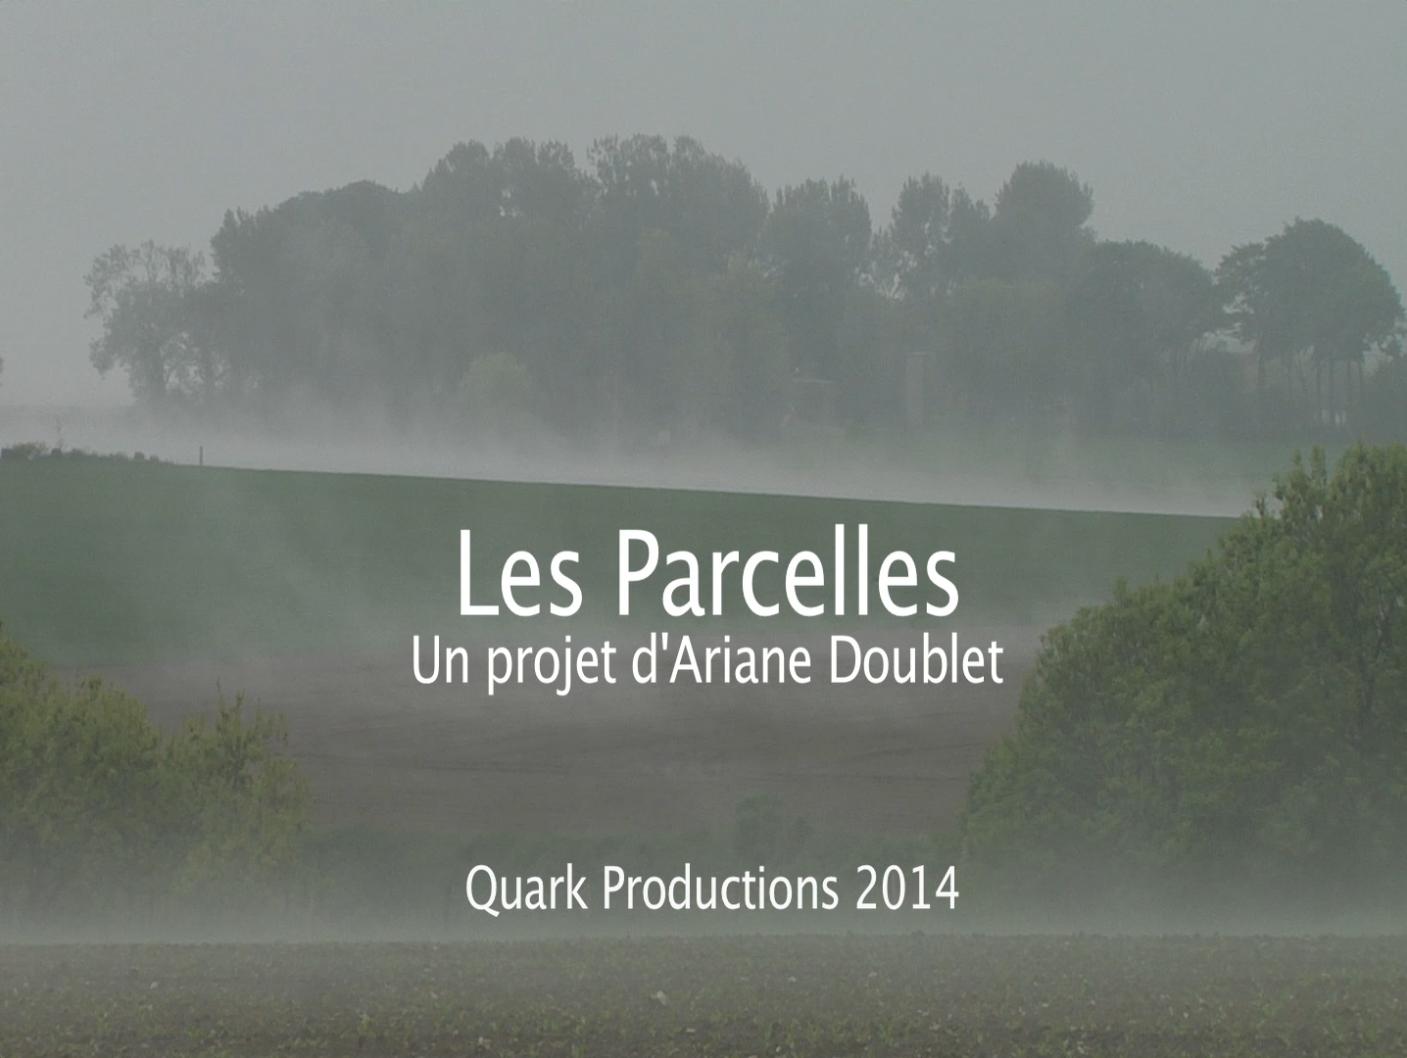 Court métrage documentaire réalisé par Ariane Doublet, produit par Quark Productions